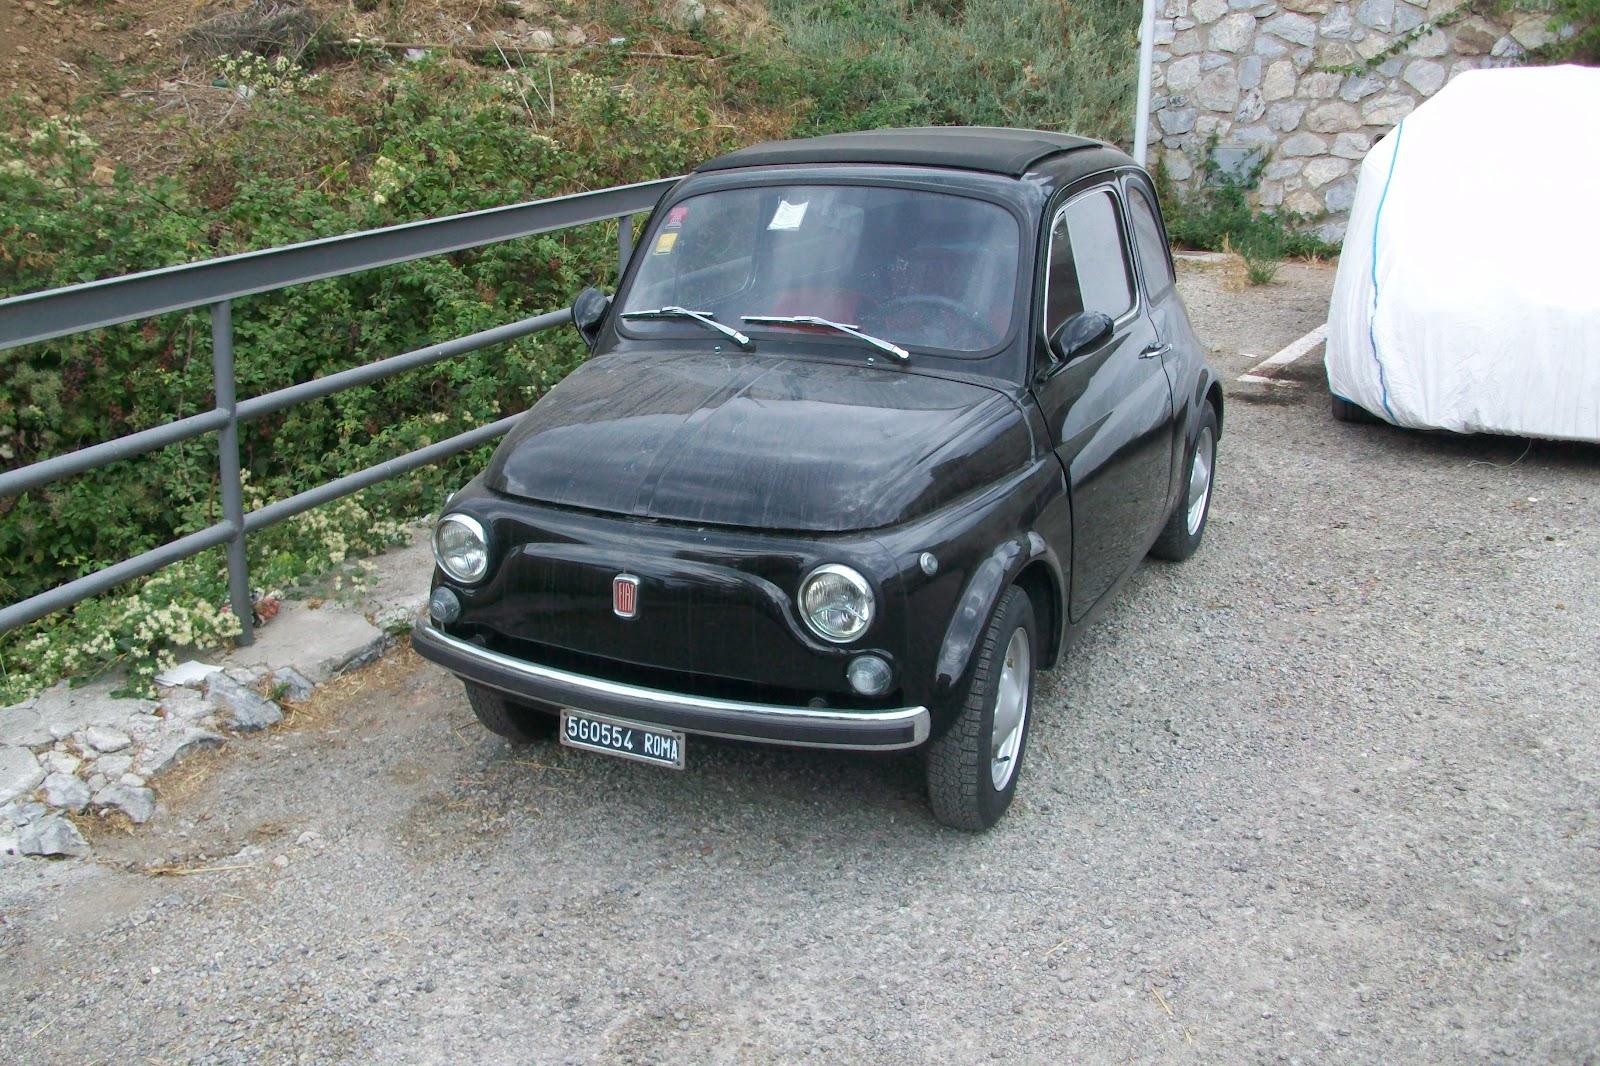 Treggia 39 s blog vecchie auto a firenze agosto 2012 for Moquette fiat 500 epoca